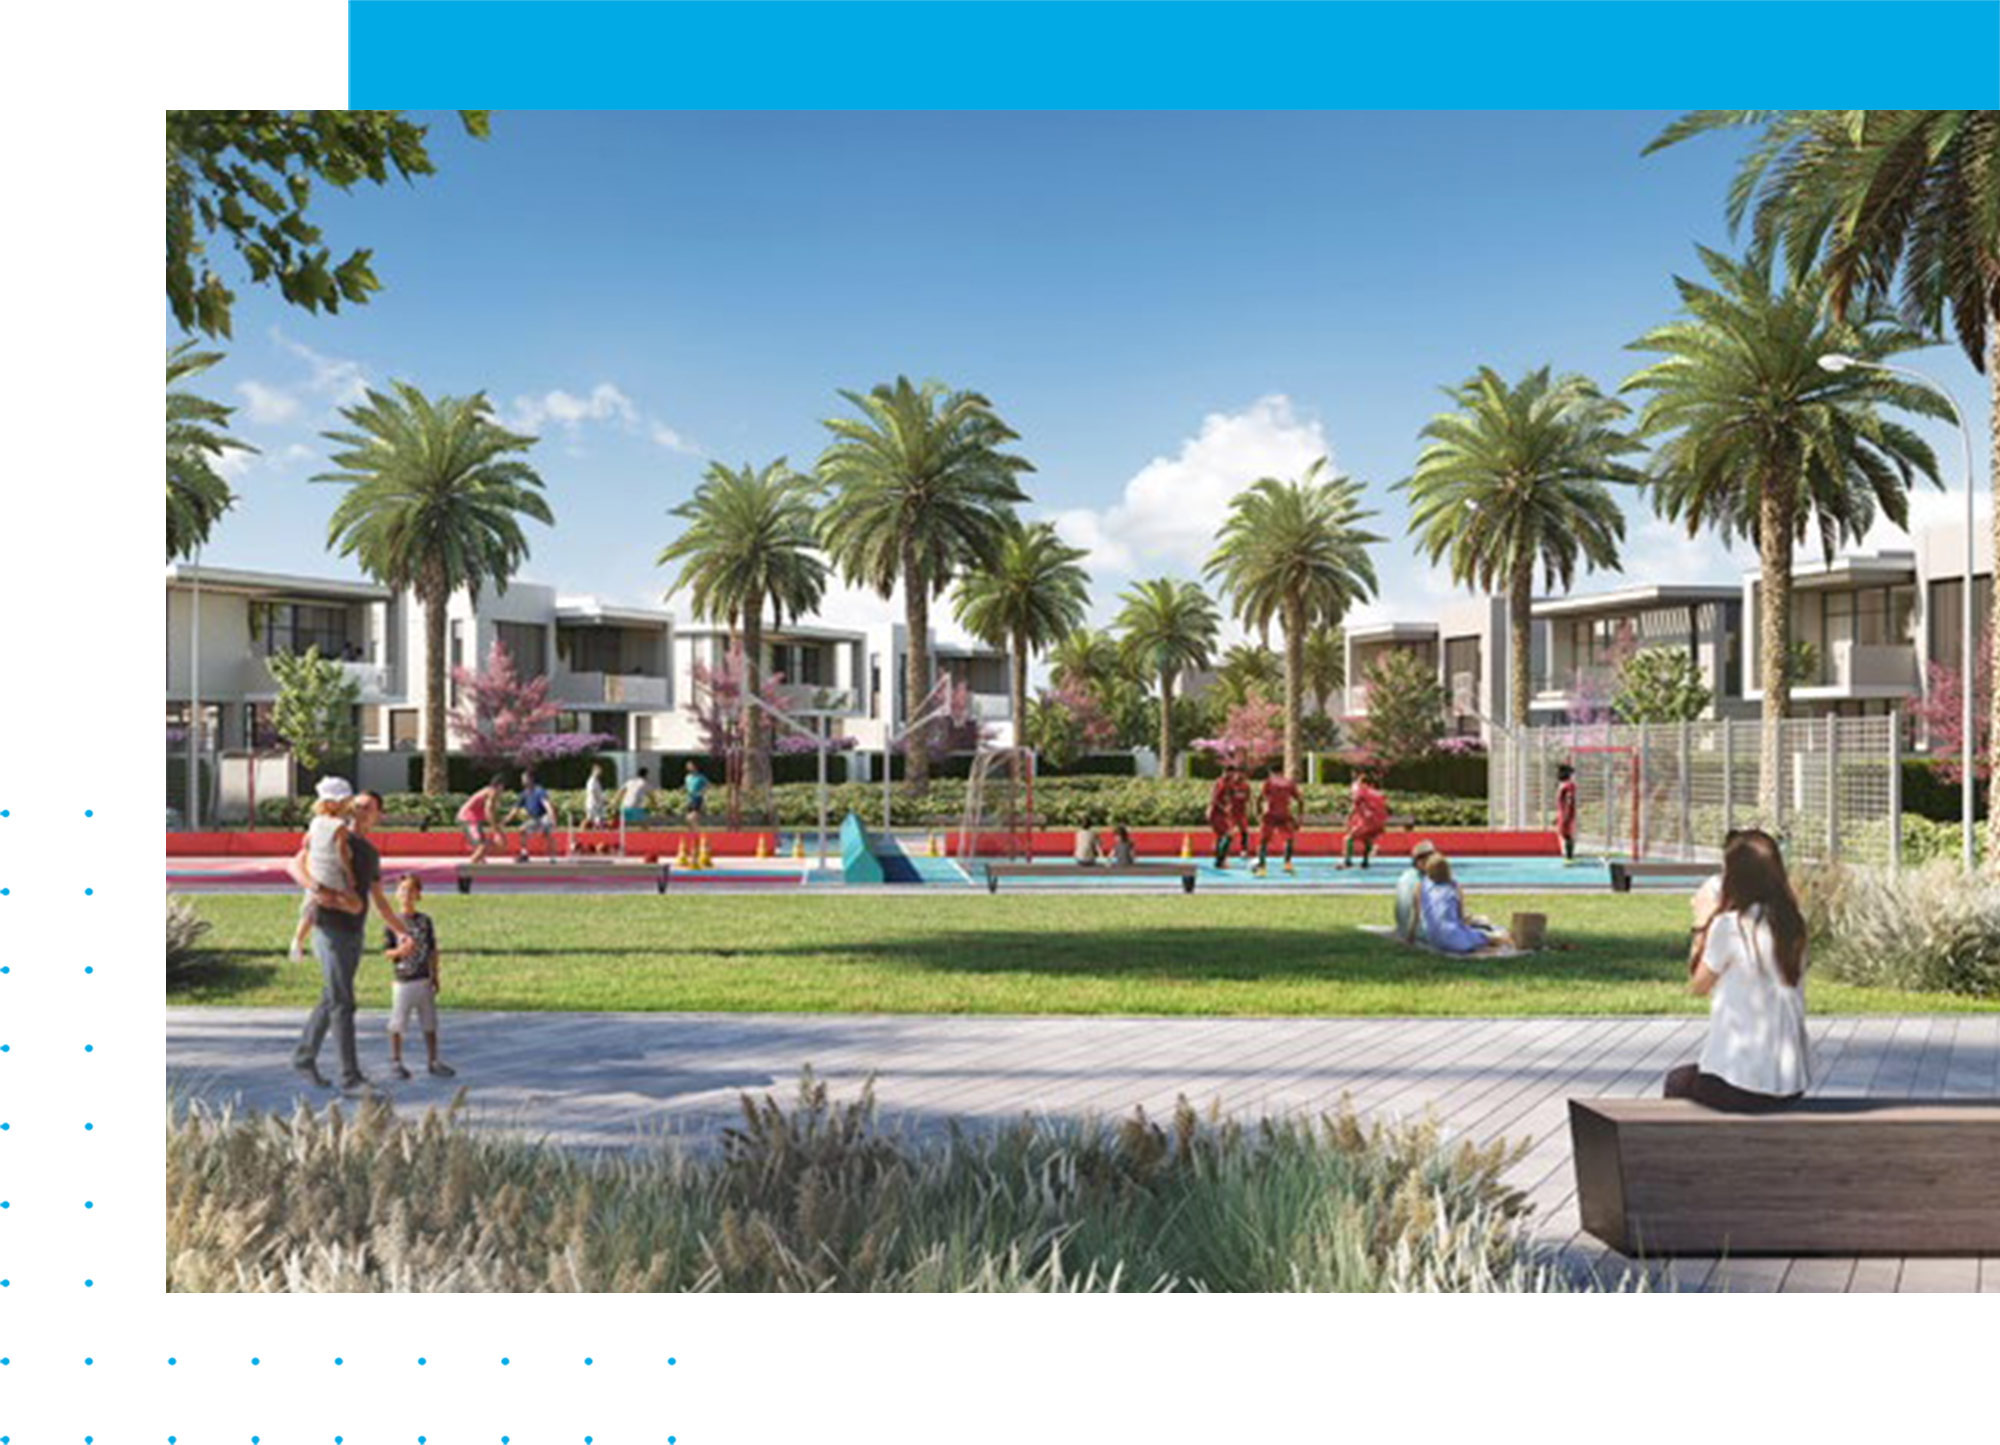 New Launch: Murooj Al Furjan Villas by Nakheel Properties – opr.ae